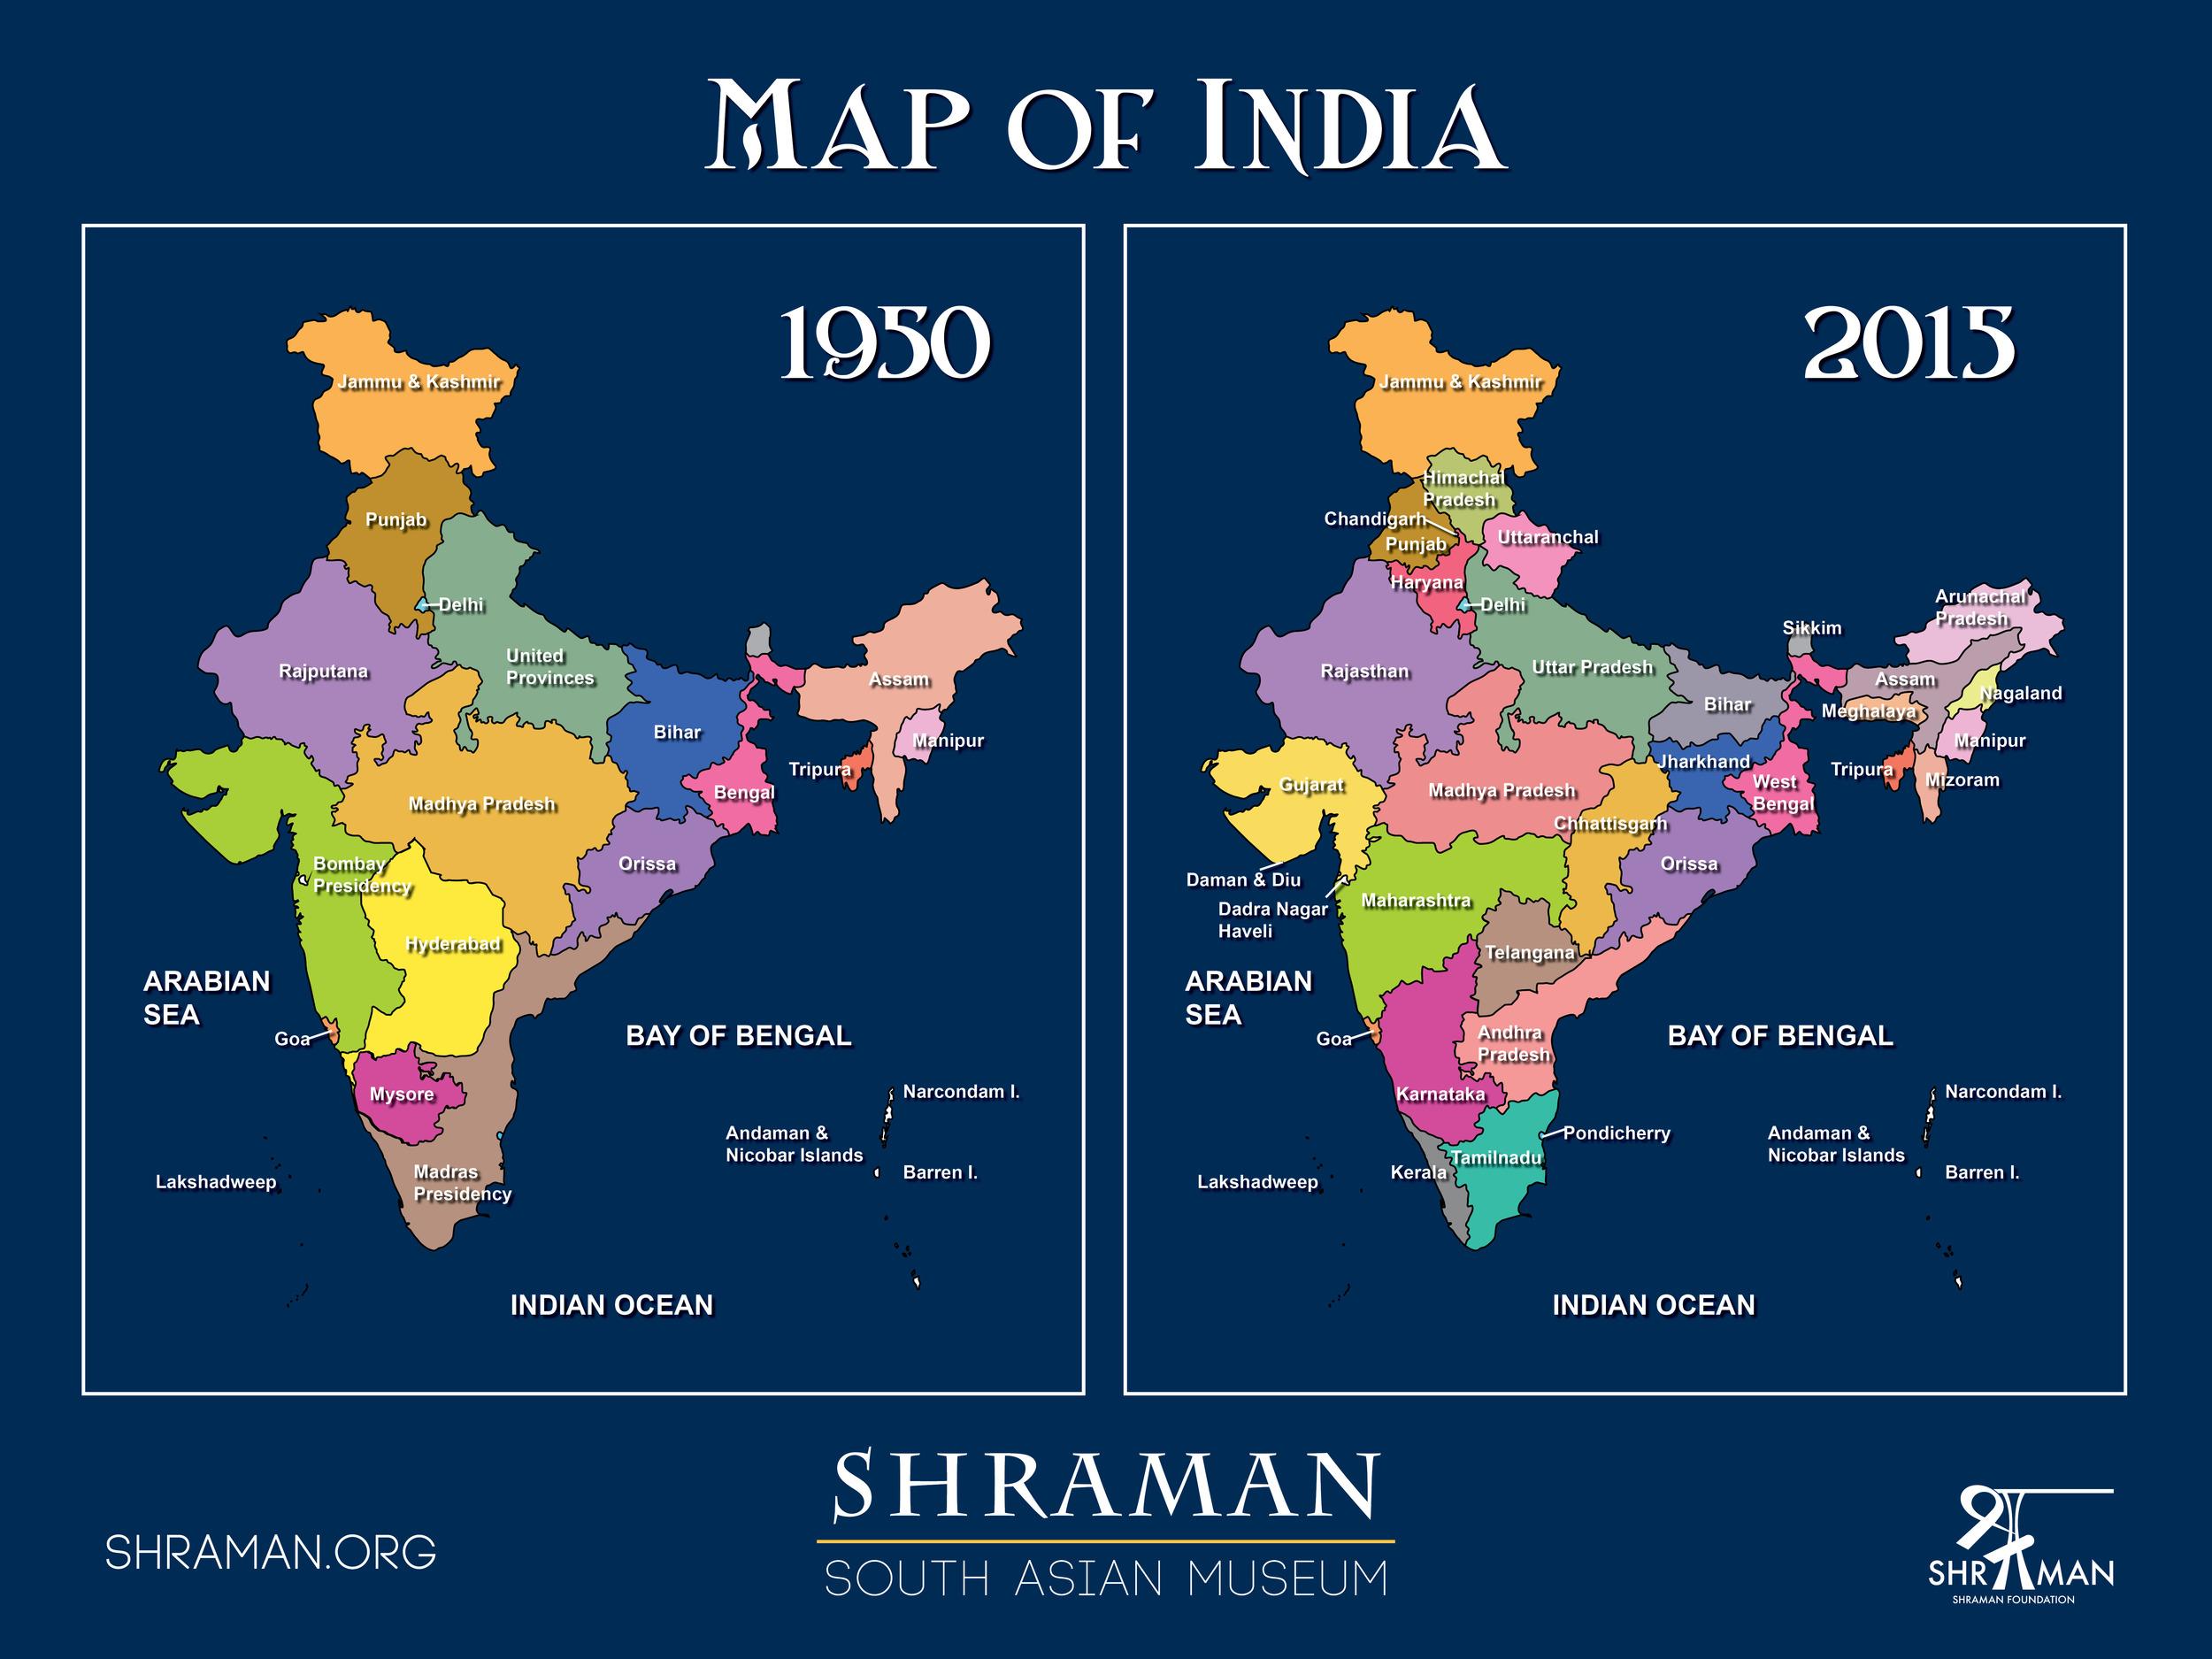 Shmn_IndiaMaps_1950.jpg